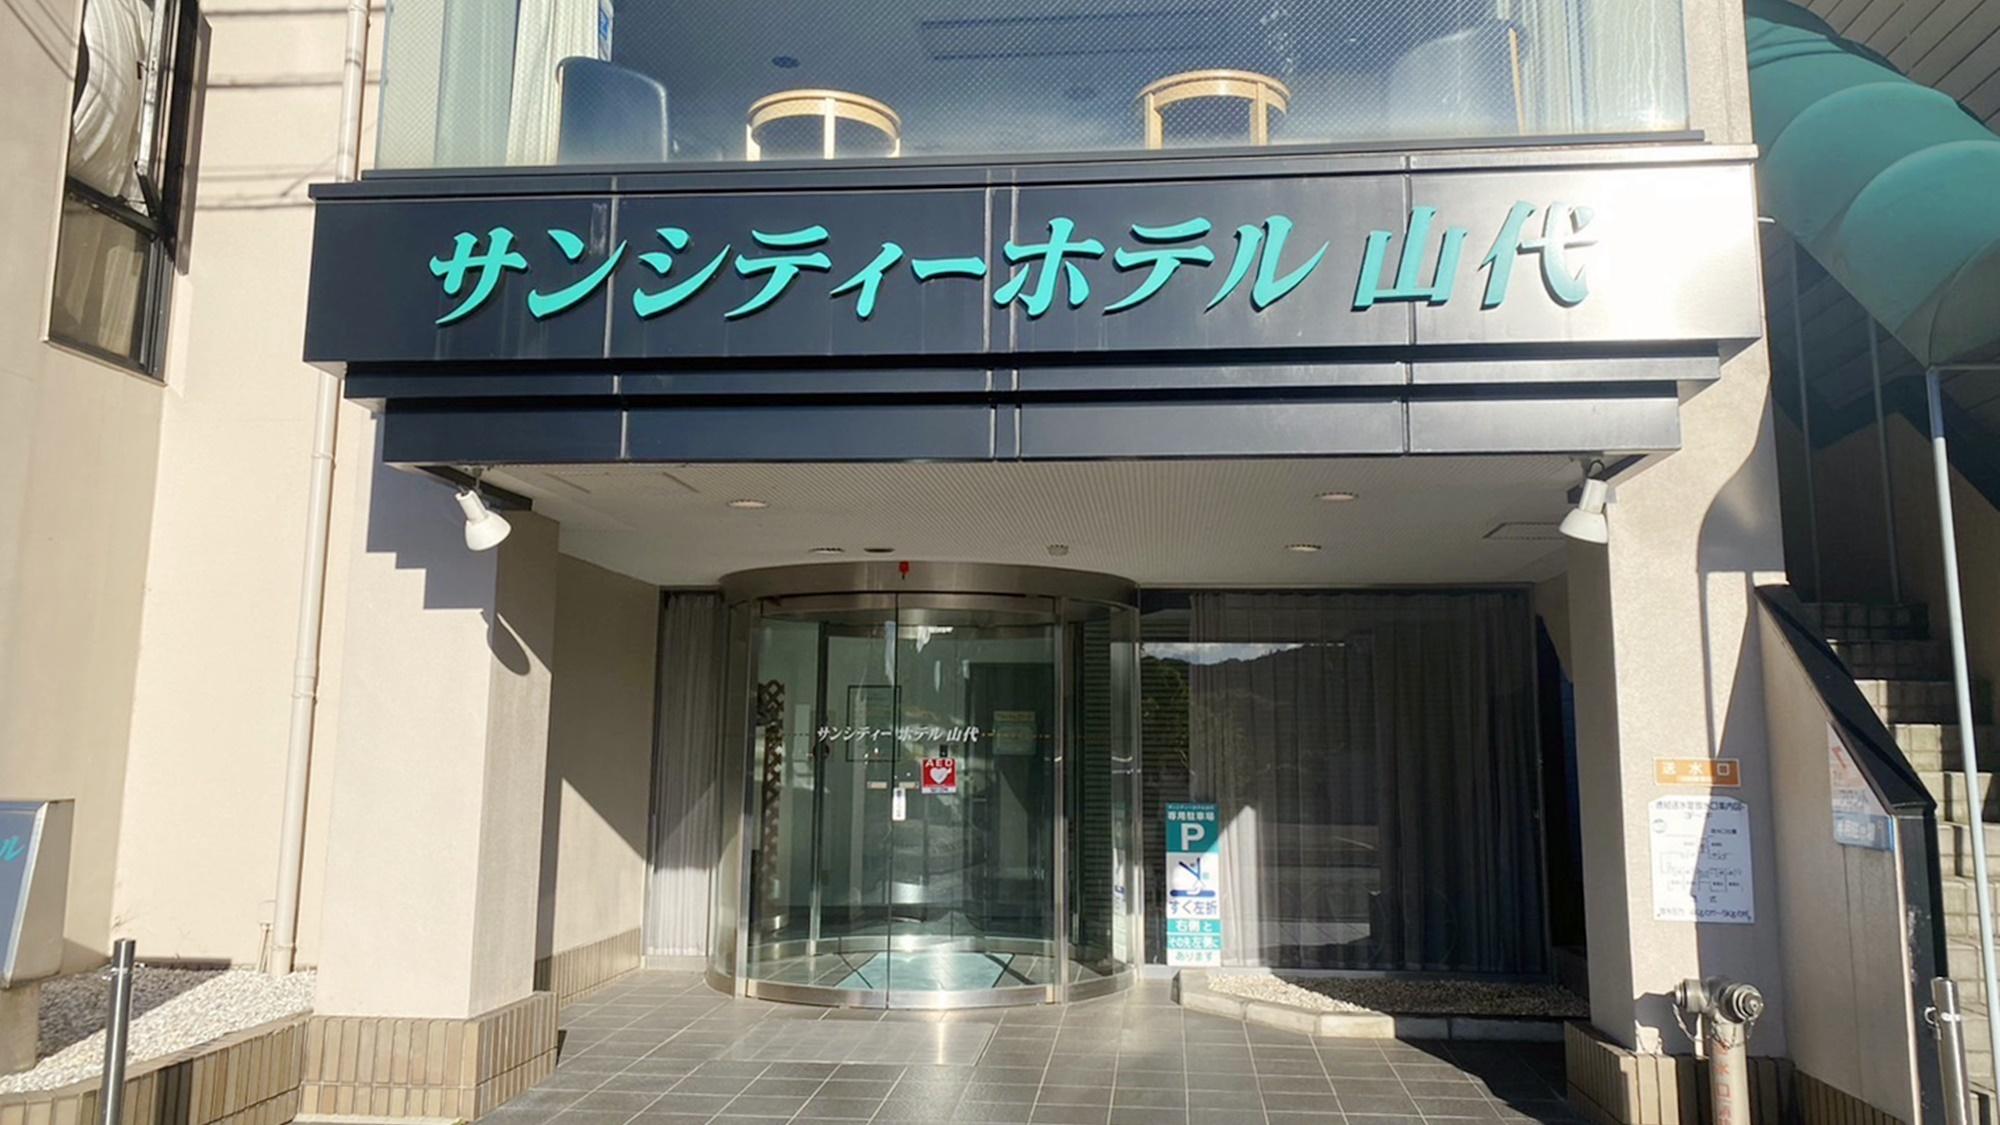 サンシティー ホテル 山代◆楽天トラベル